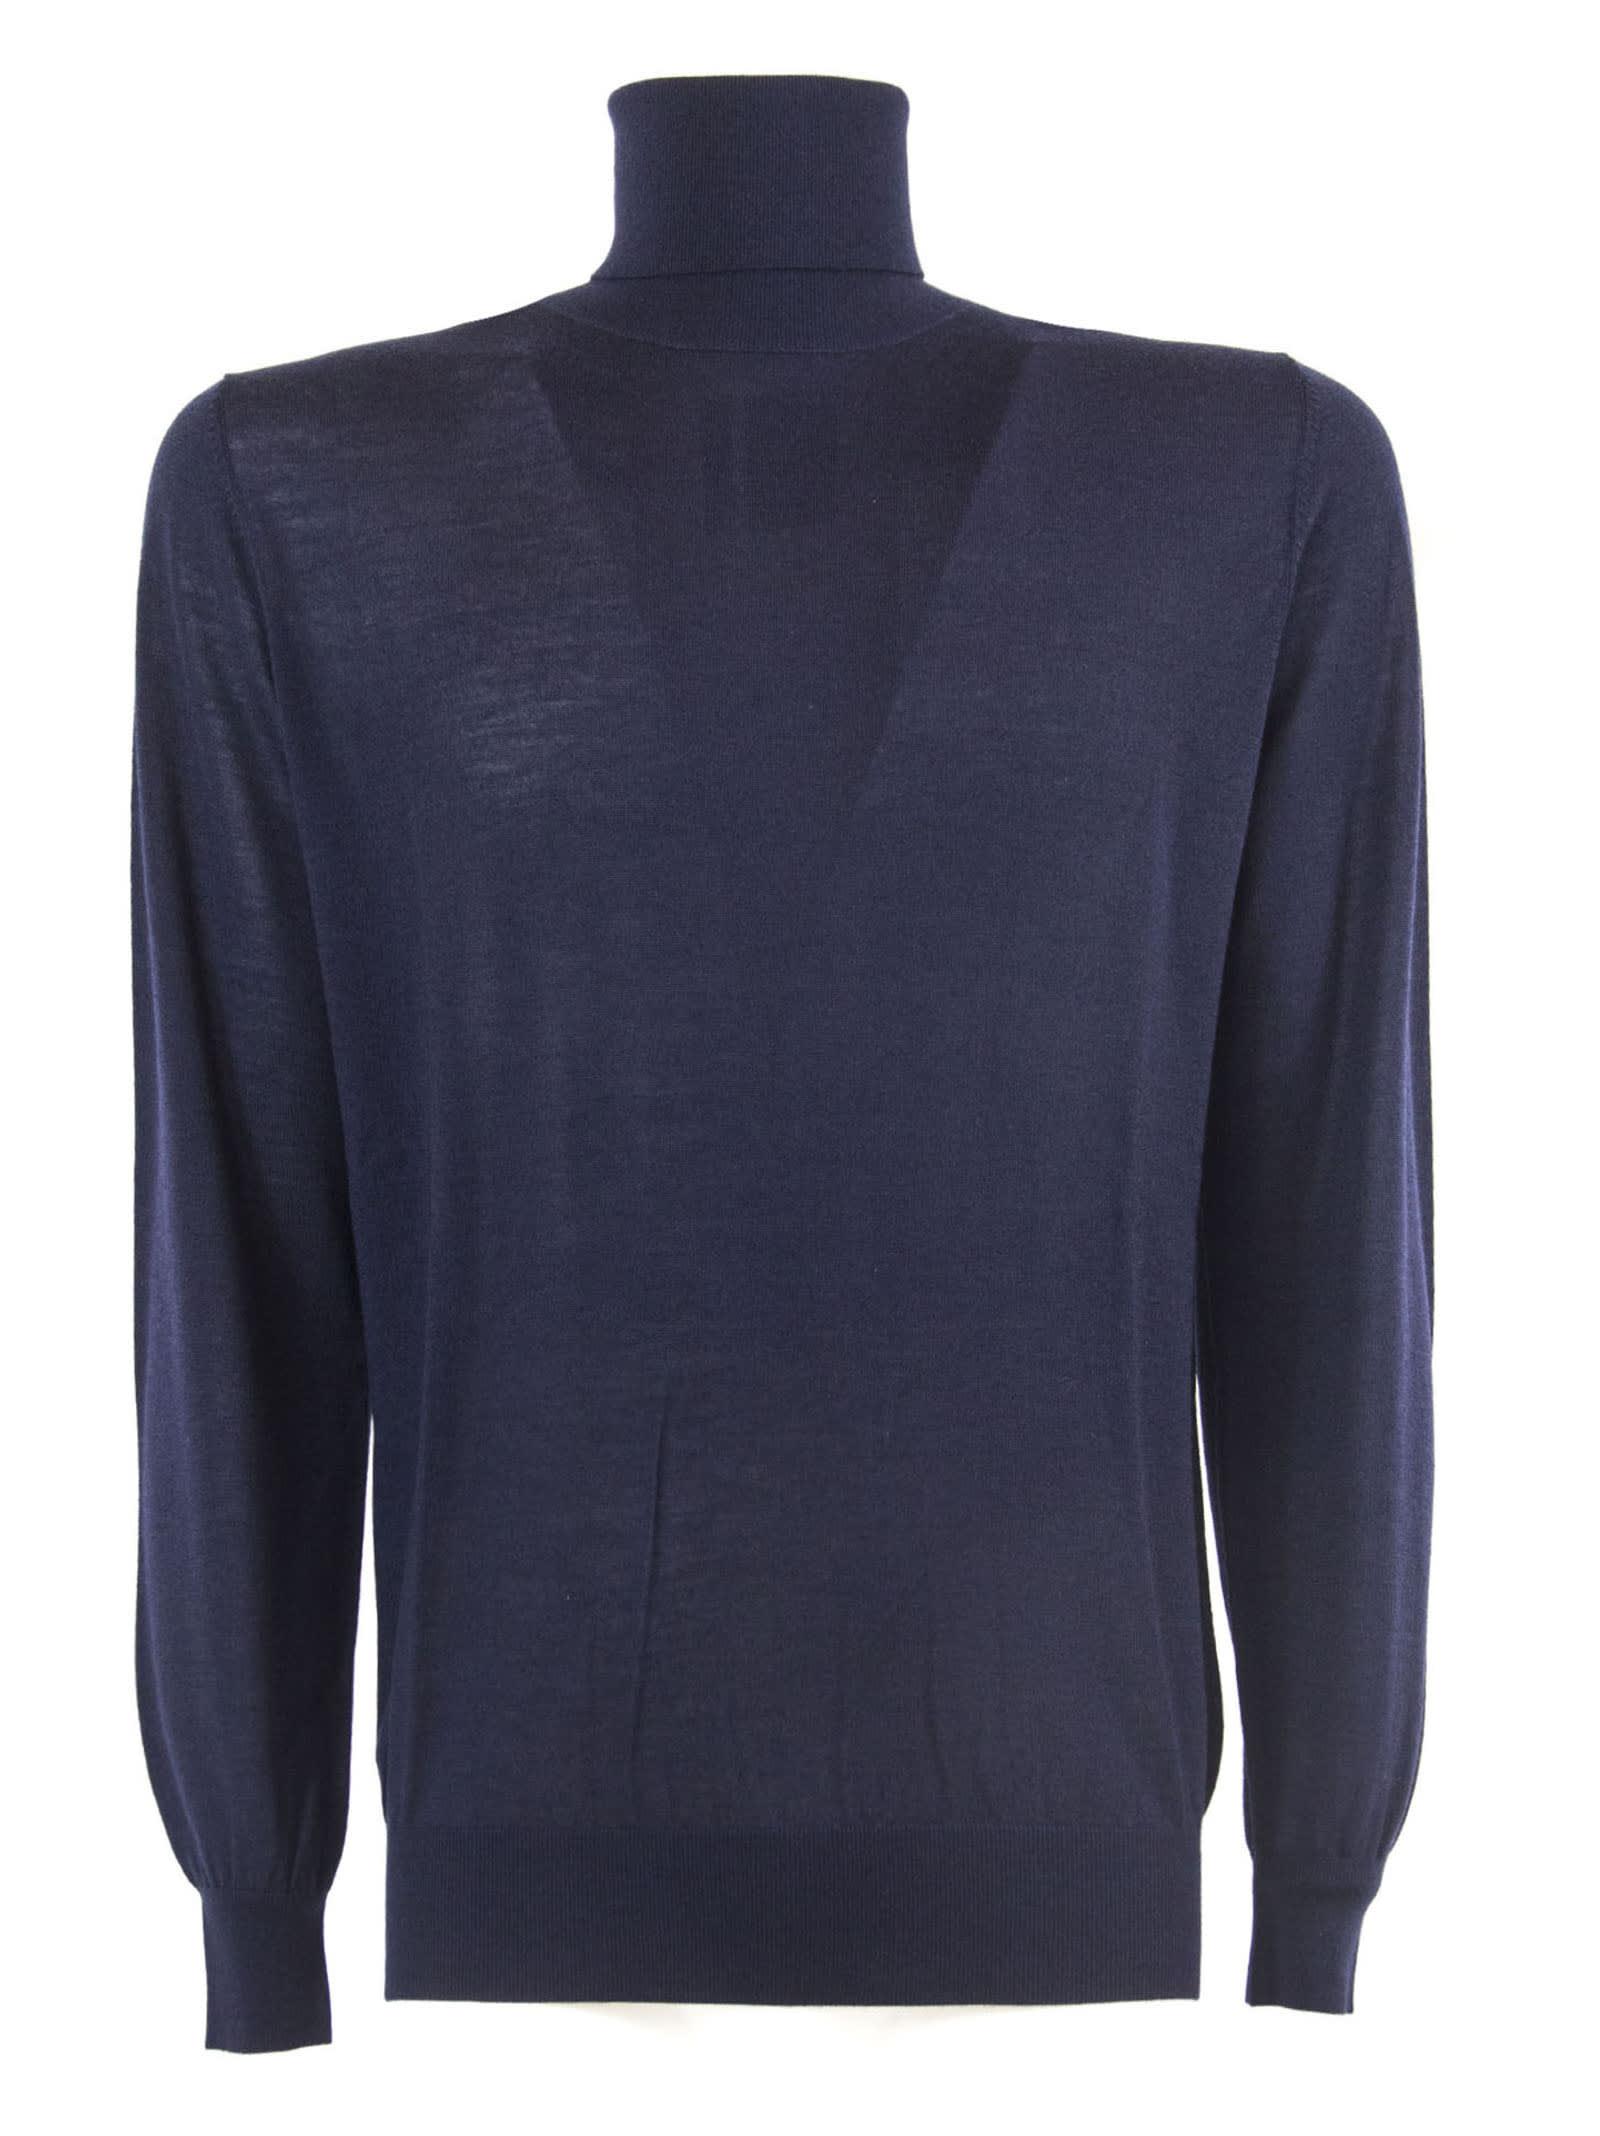 Blue Merino Wool Sweater